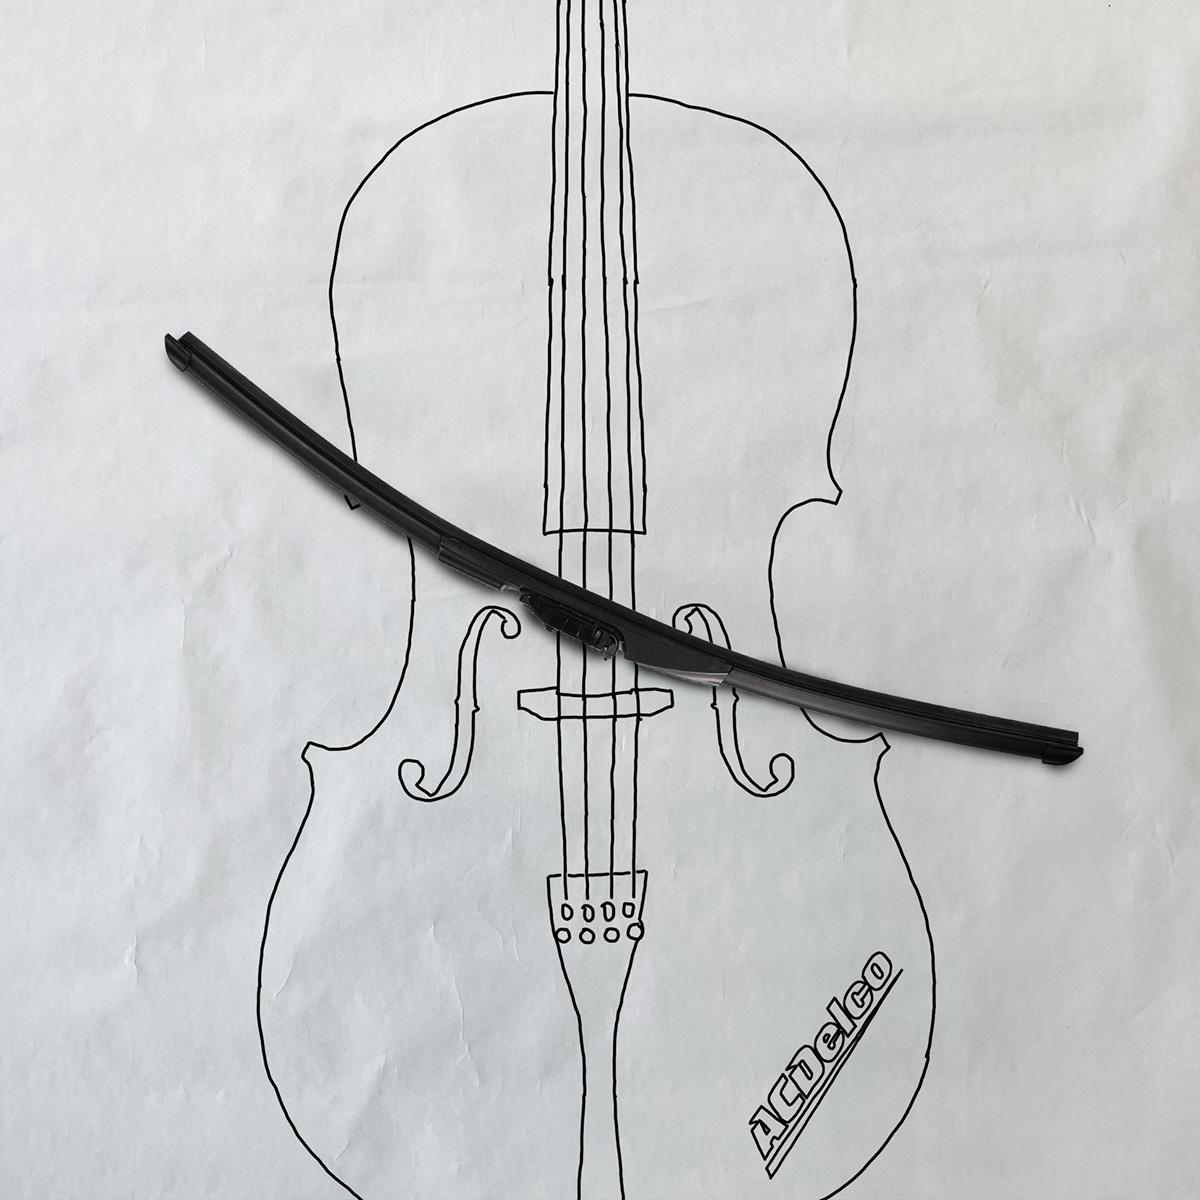 sketch2-cello-web.jpg